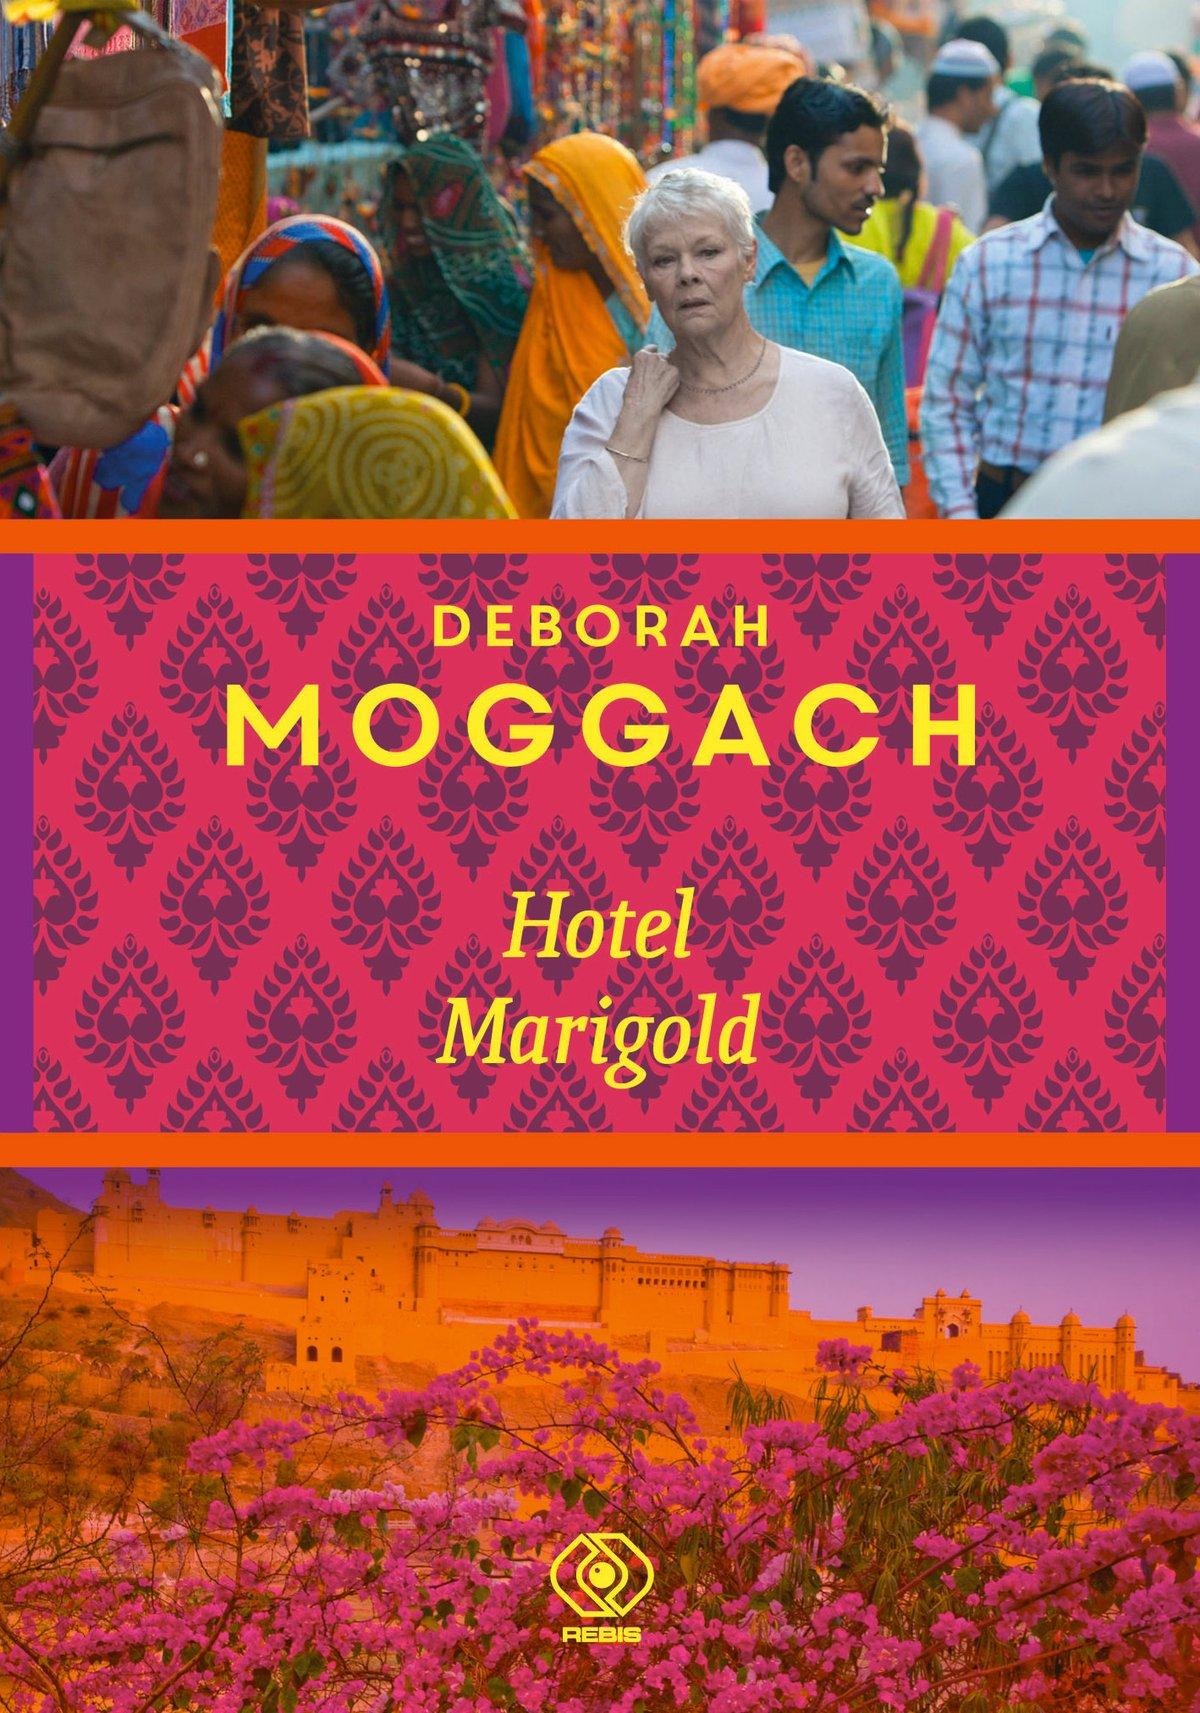 Hotel Marigold - Ebook (Książka na Kindle) do pobrania w formacie MOBI